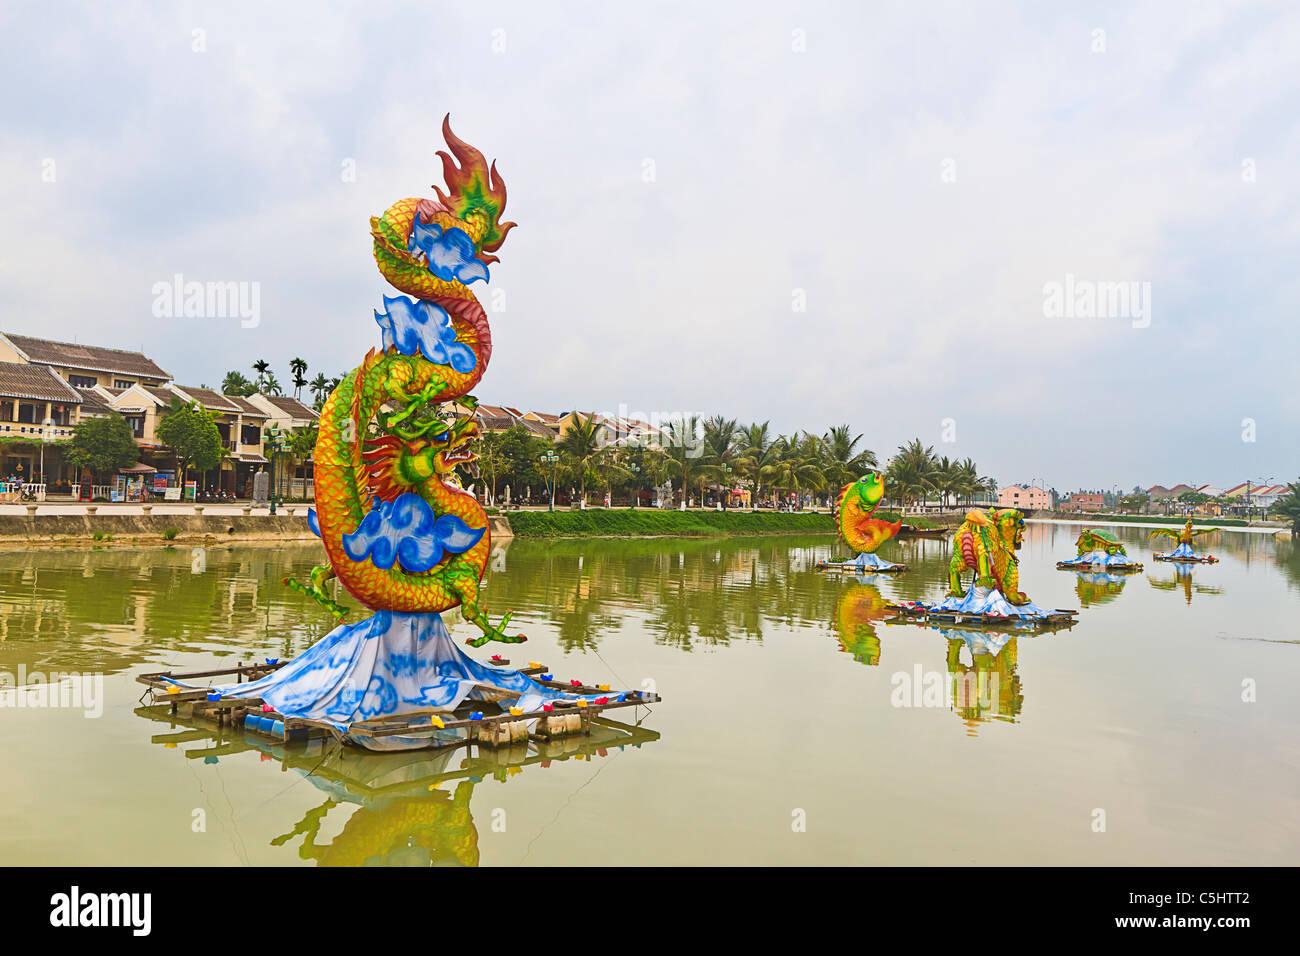 Décorations flottants sur la rivière Thu Bon, dans la vieille ville de Hoi An, Vietnam central. Photo Stock